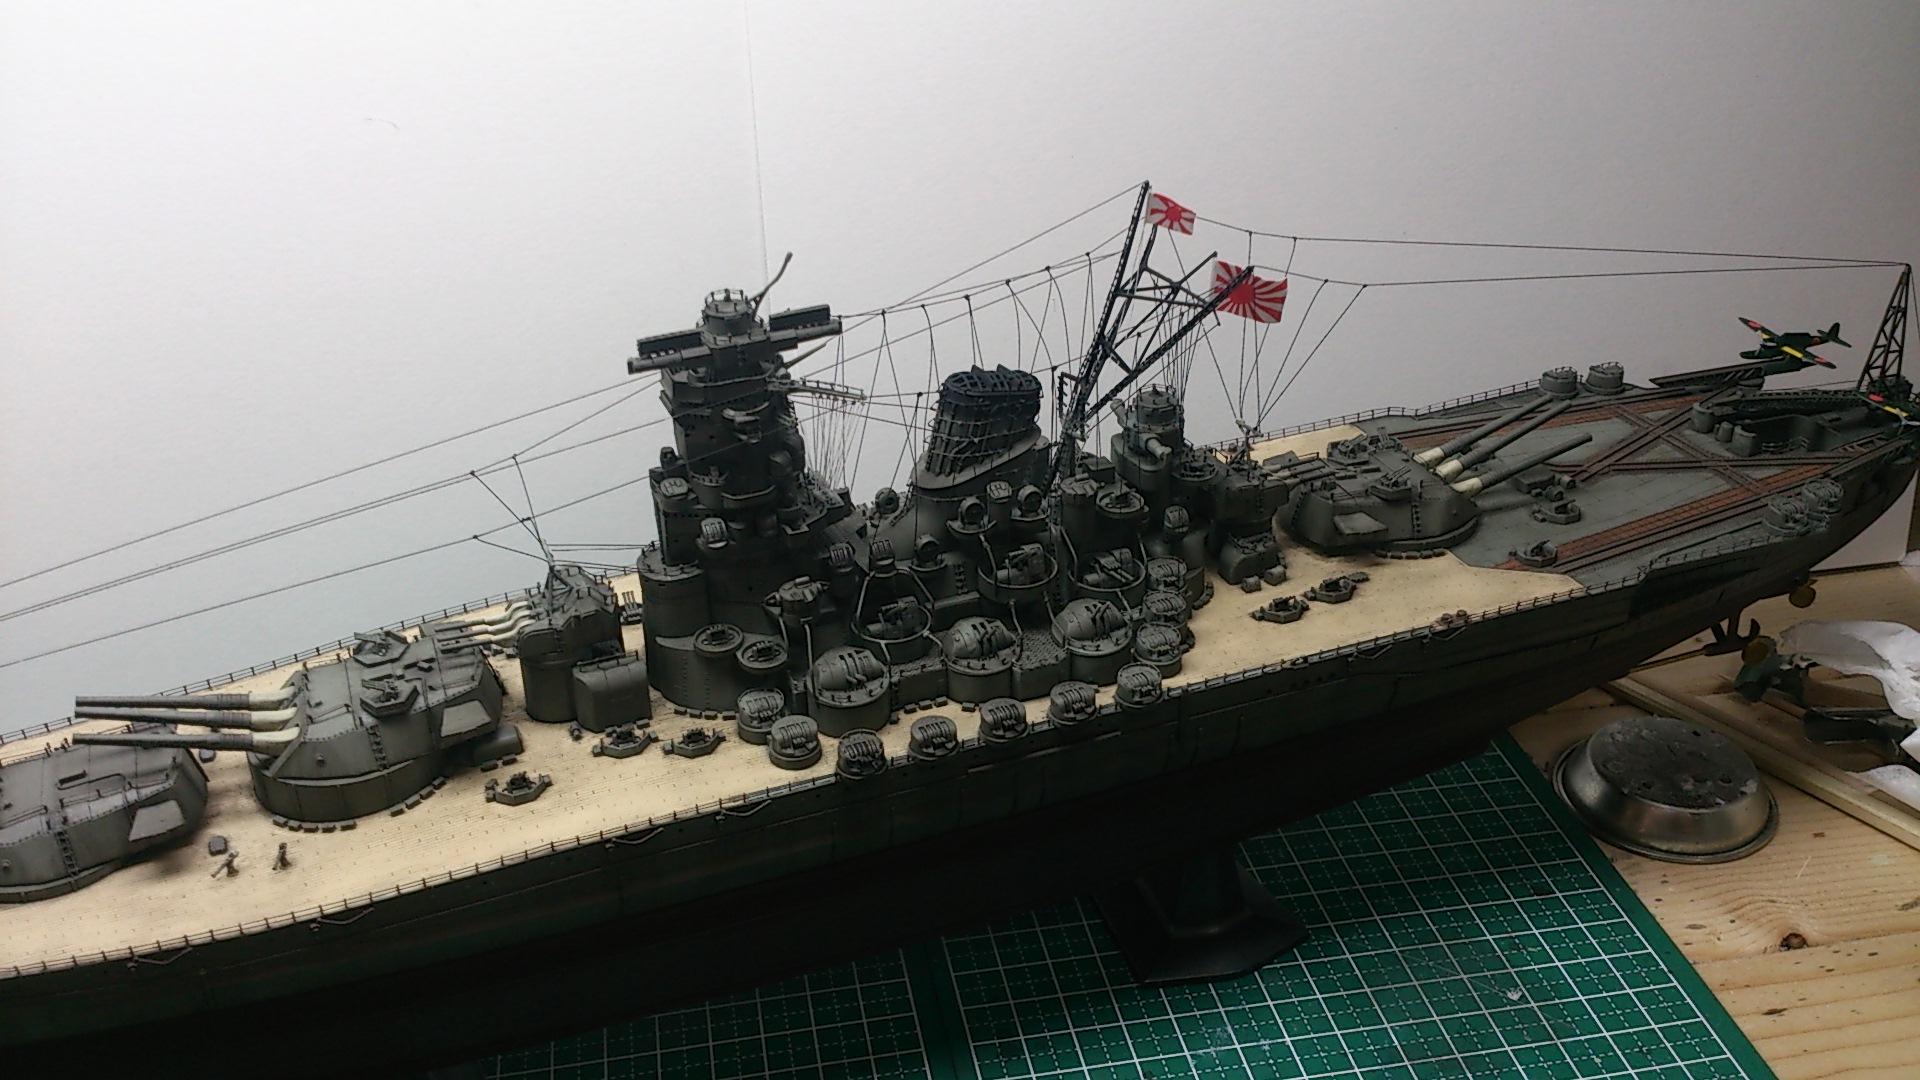 空中線張り 戦艦大和完成 目指せ百艦